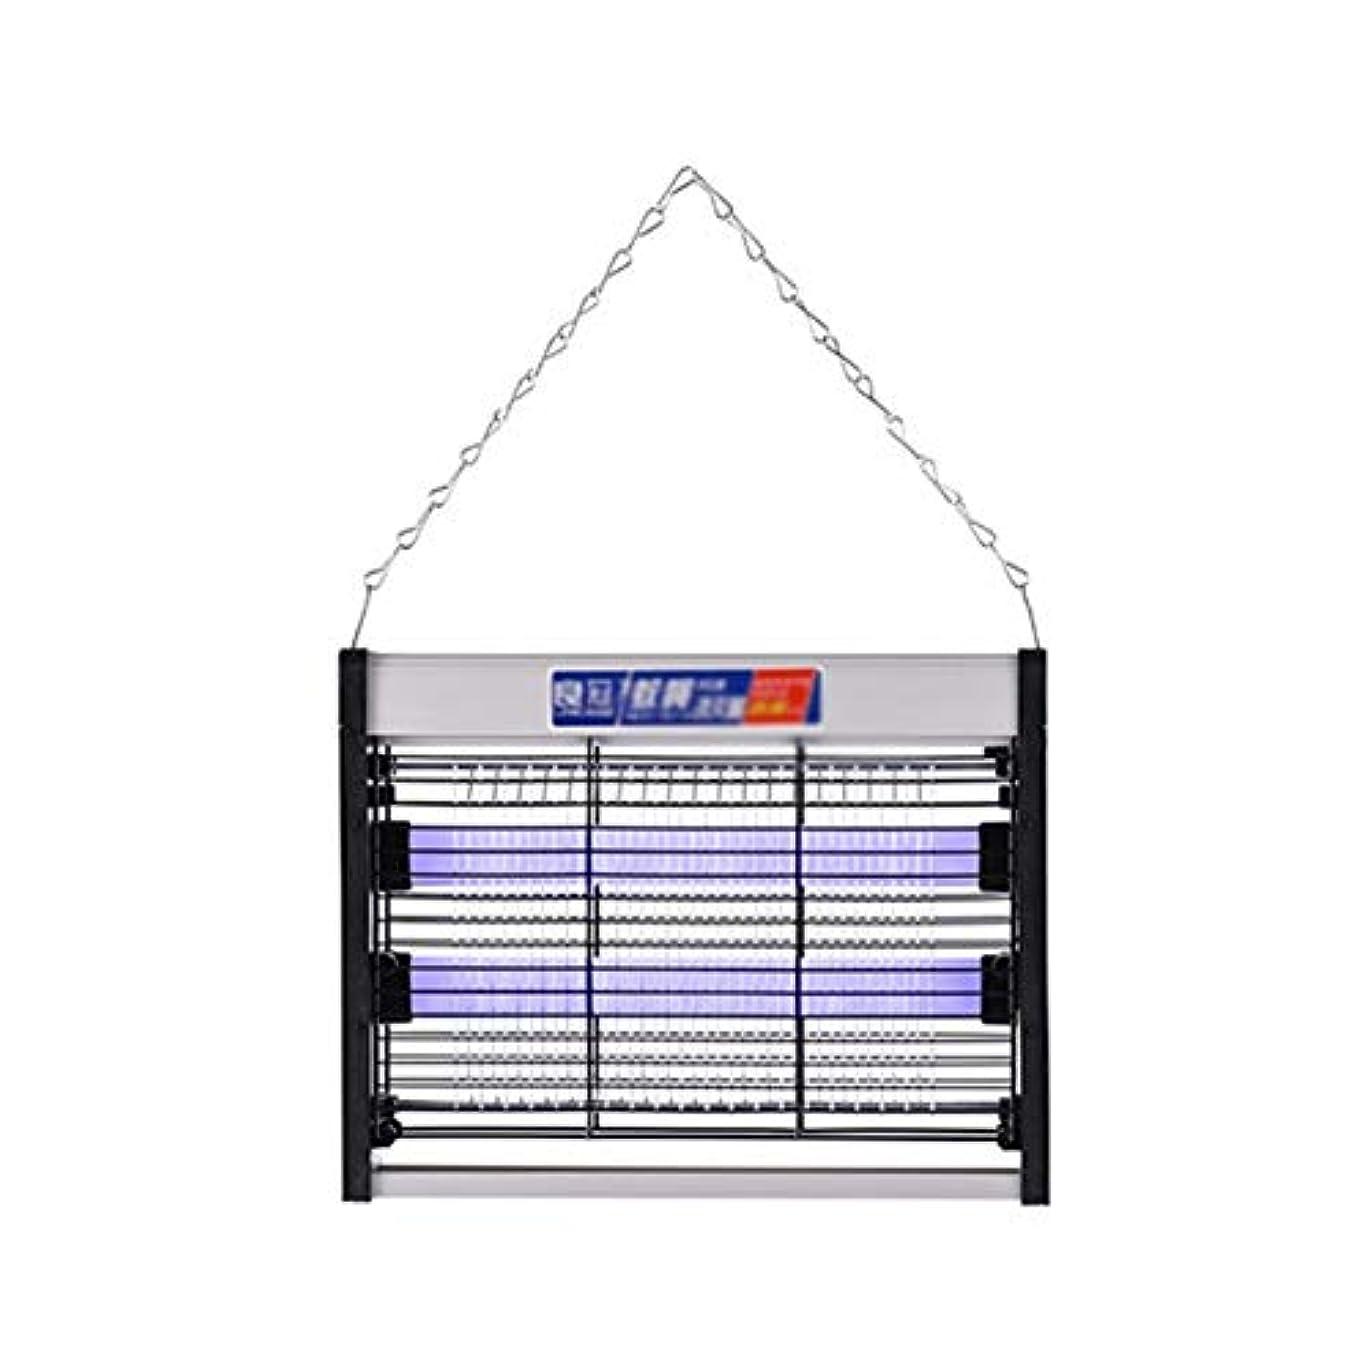 整理するファイバ複雑なZEMIN 電撃殺虫灯 蚊ランプ 昆虫のキラー 誘虫灯 フライト ラップ 光をひきつける 低消費 蛍光灯、 3サイズ (Size : 50CM-30W)